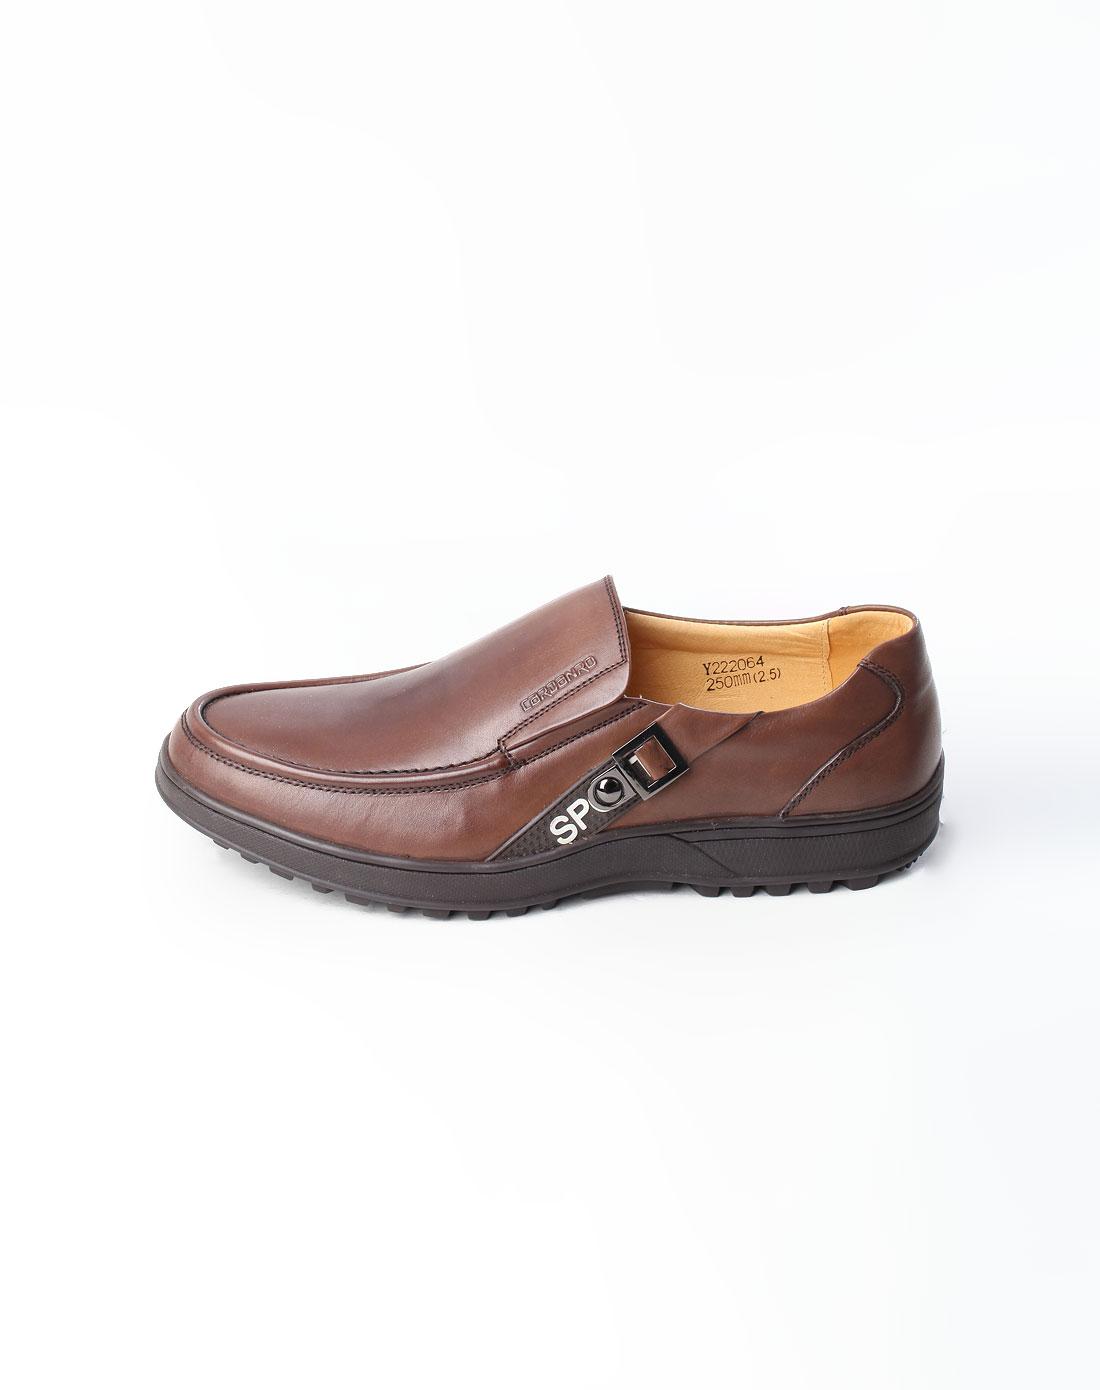 棕色时尚运动皮鞋_卡丹路cardanro官网特价2-4